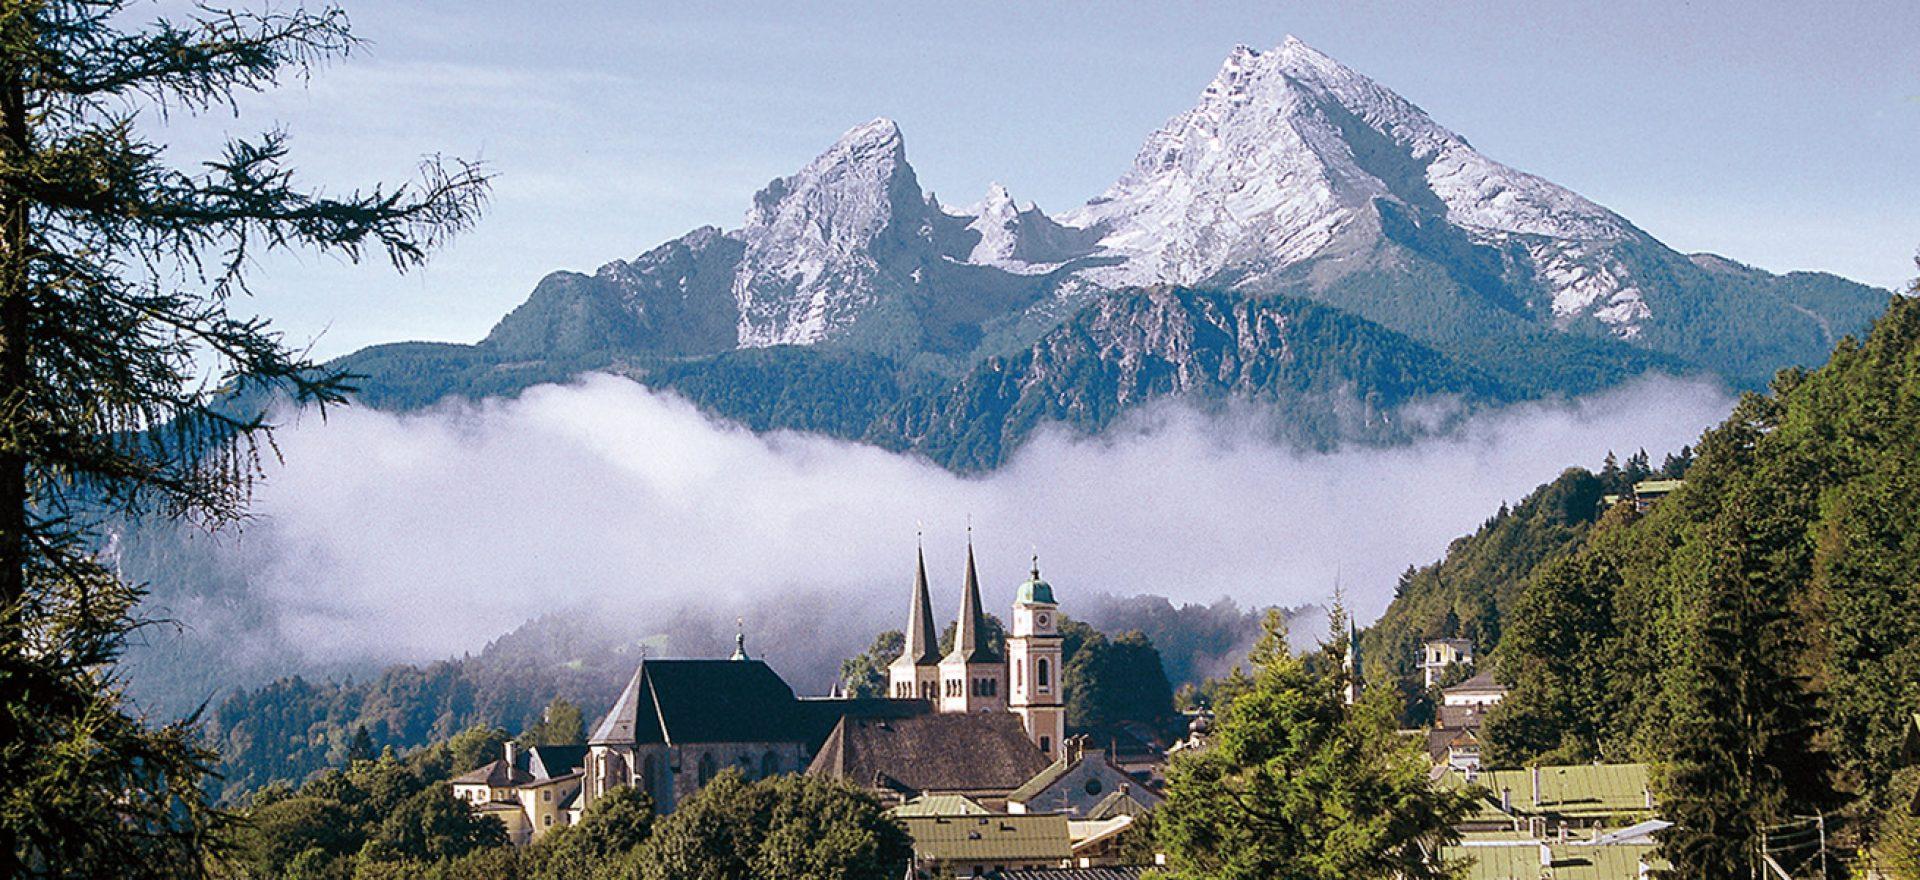 Die Berchtesgadener Alpen – Stoll's Hotel Alpina in berchtesgaden / Schönau am Königssee